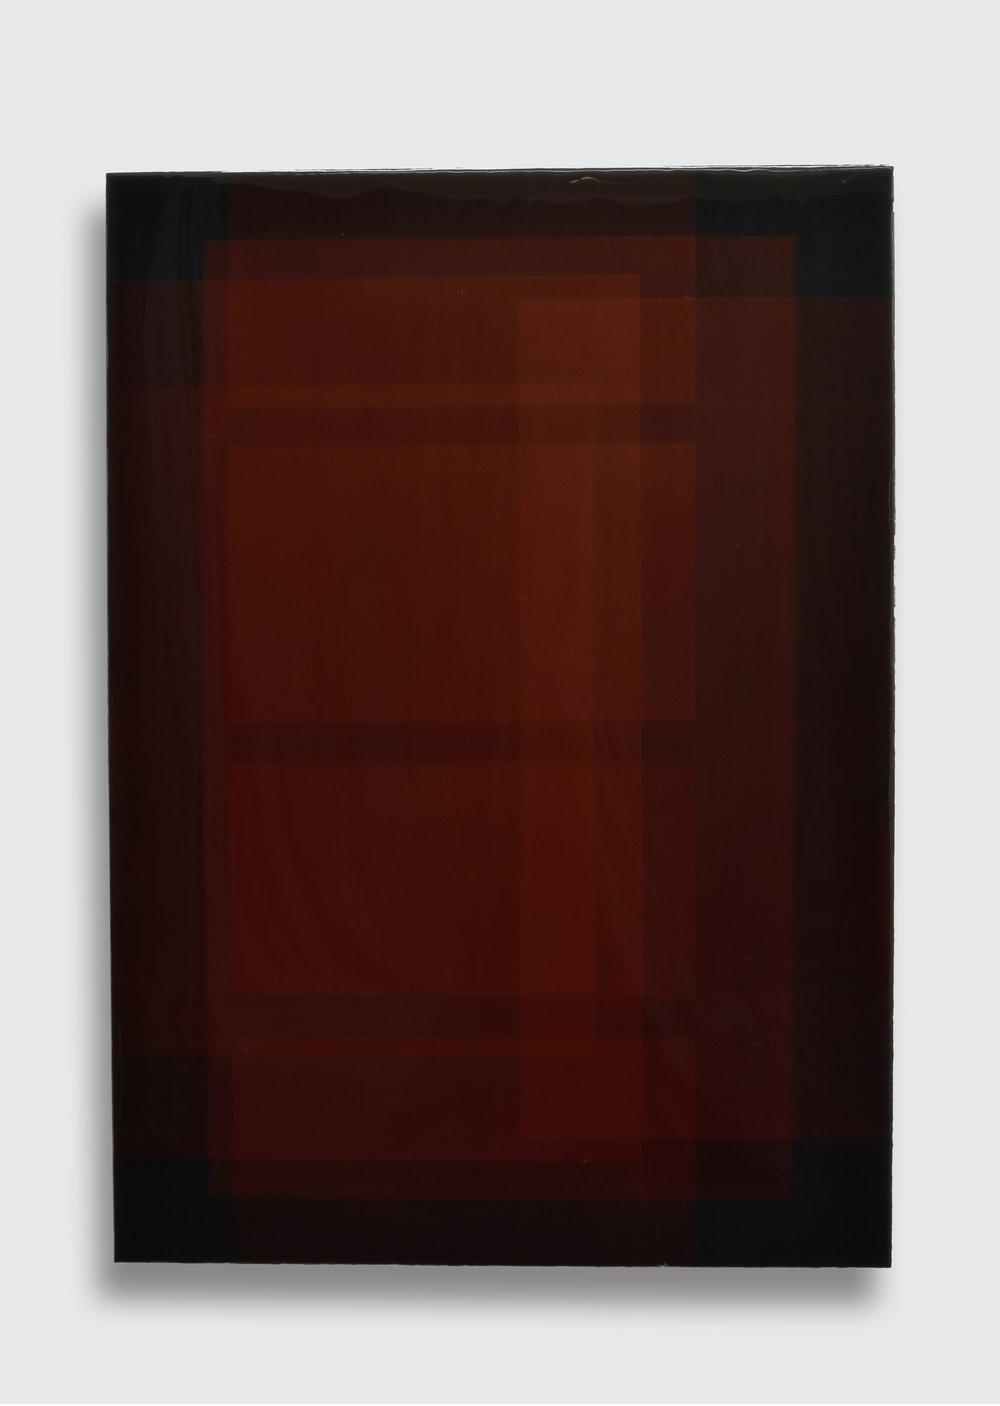 Dirk Salz #2247, 140 x 100 x 10 cm